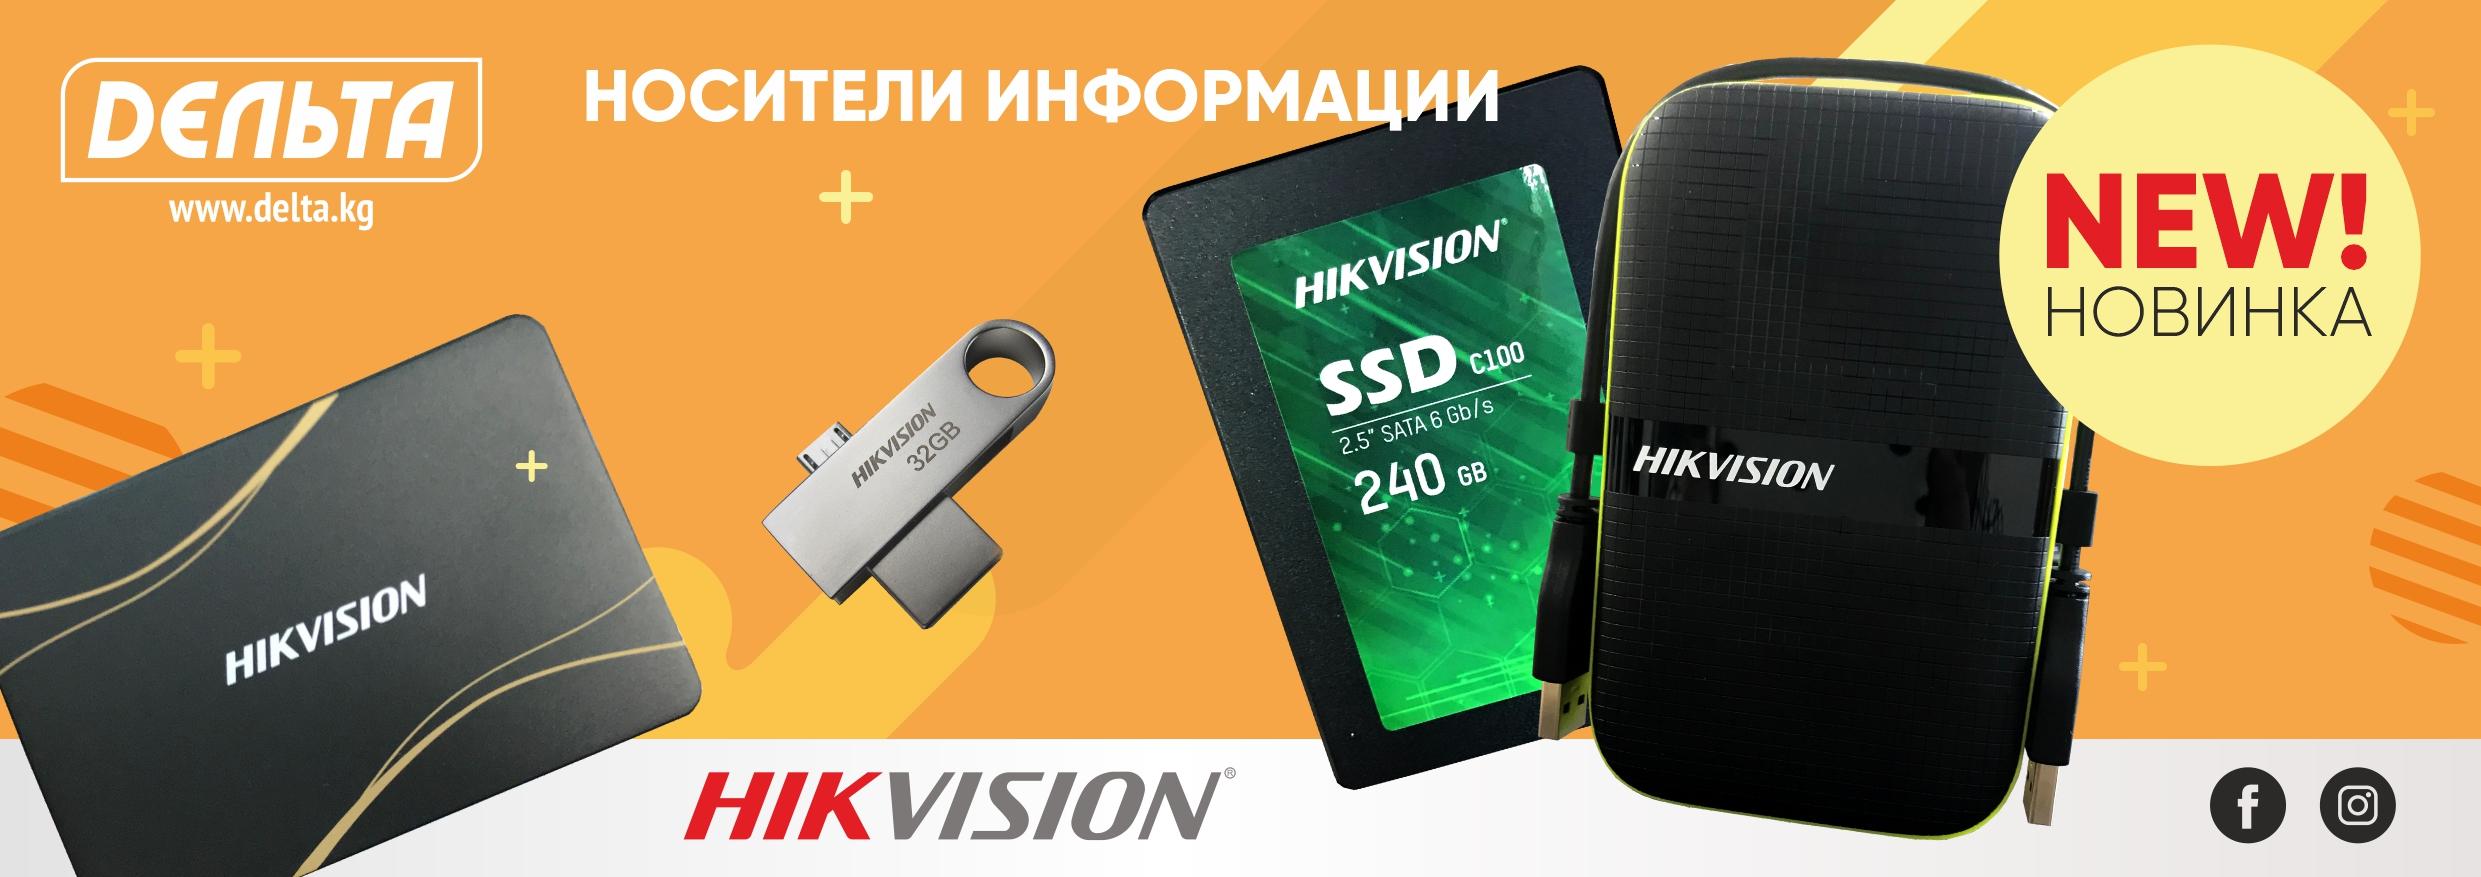 Новое поступление носителей информации от компании HIKVISION